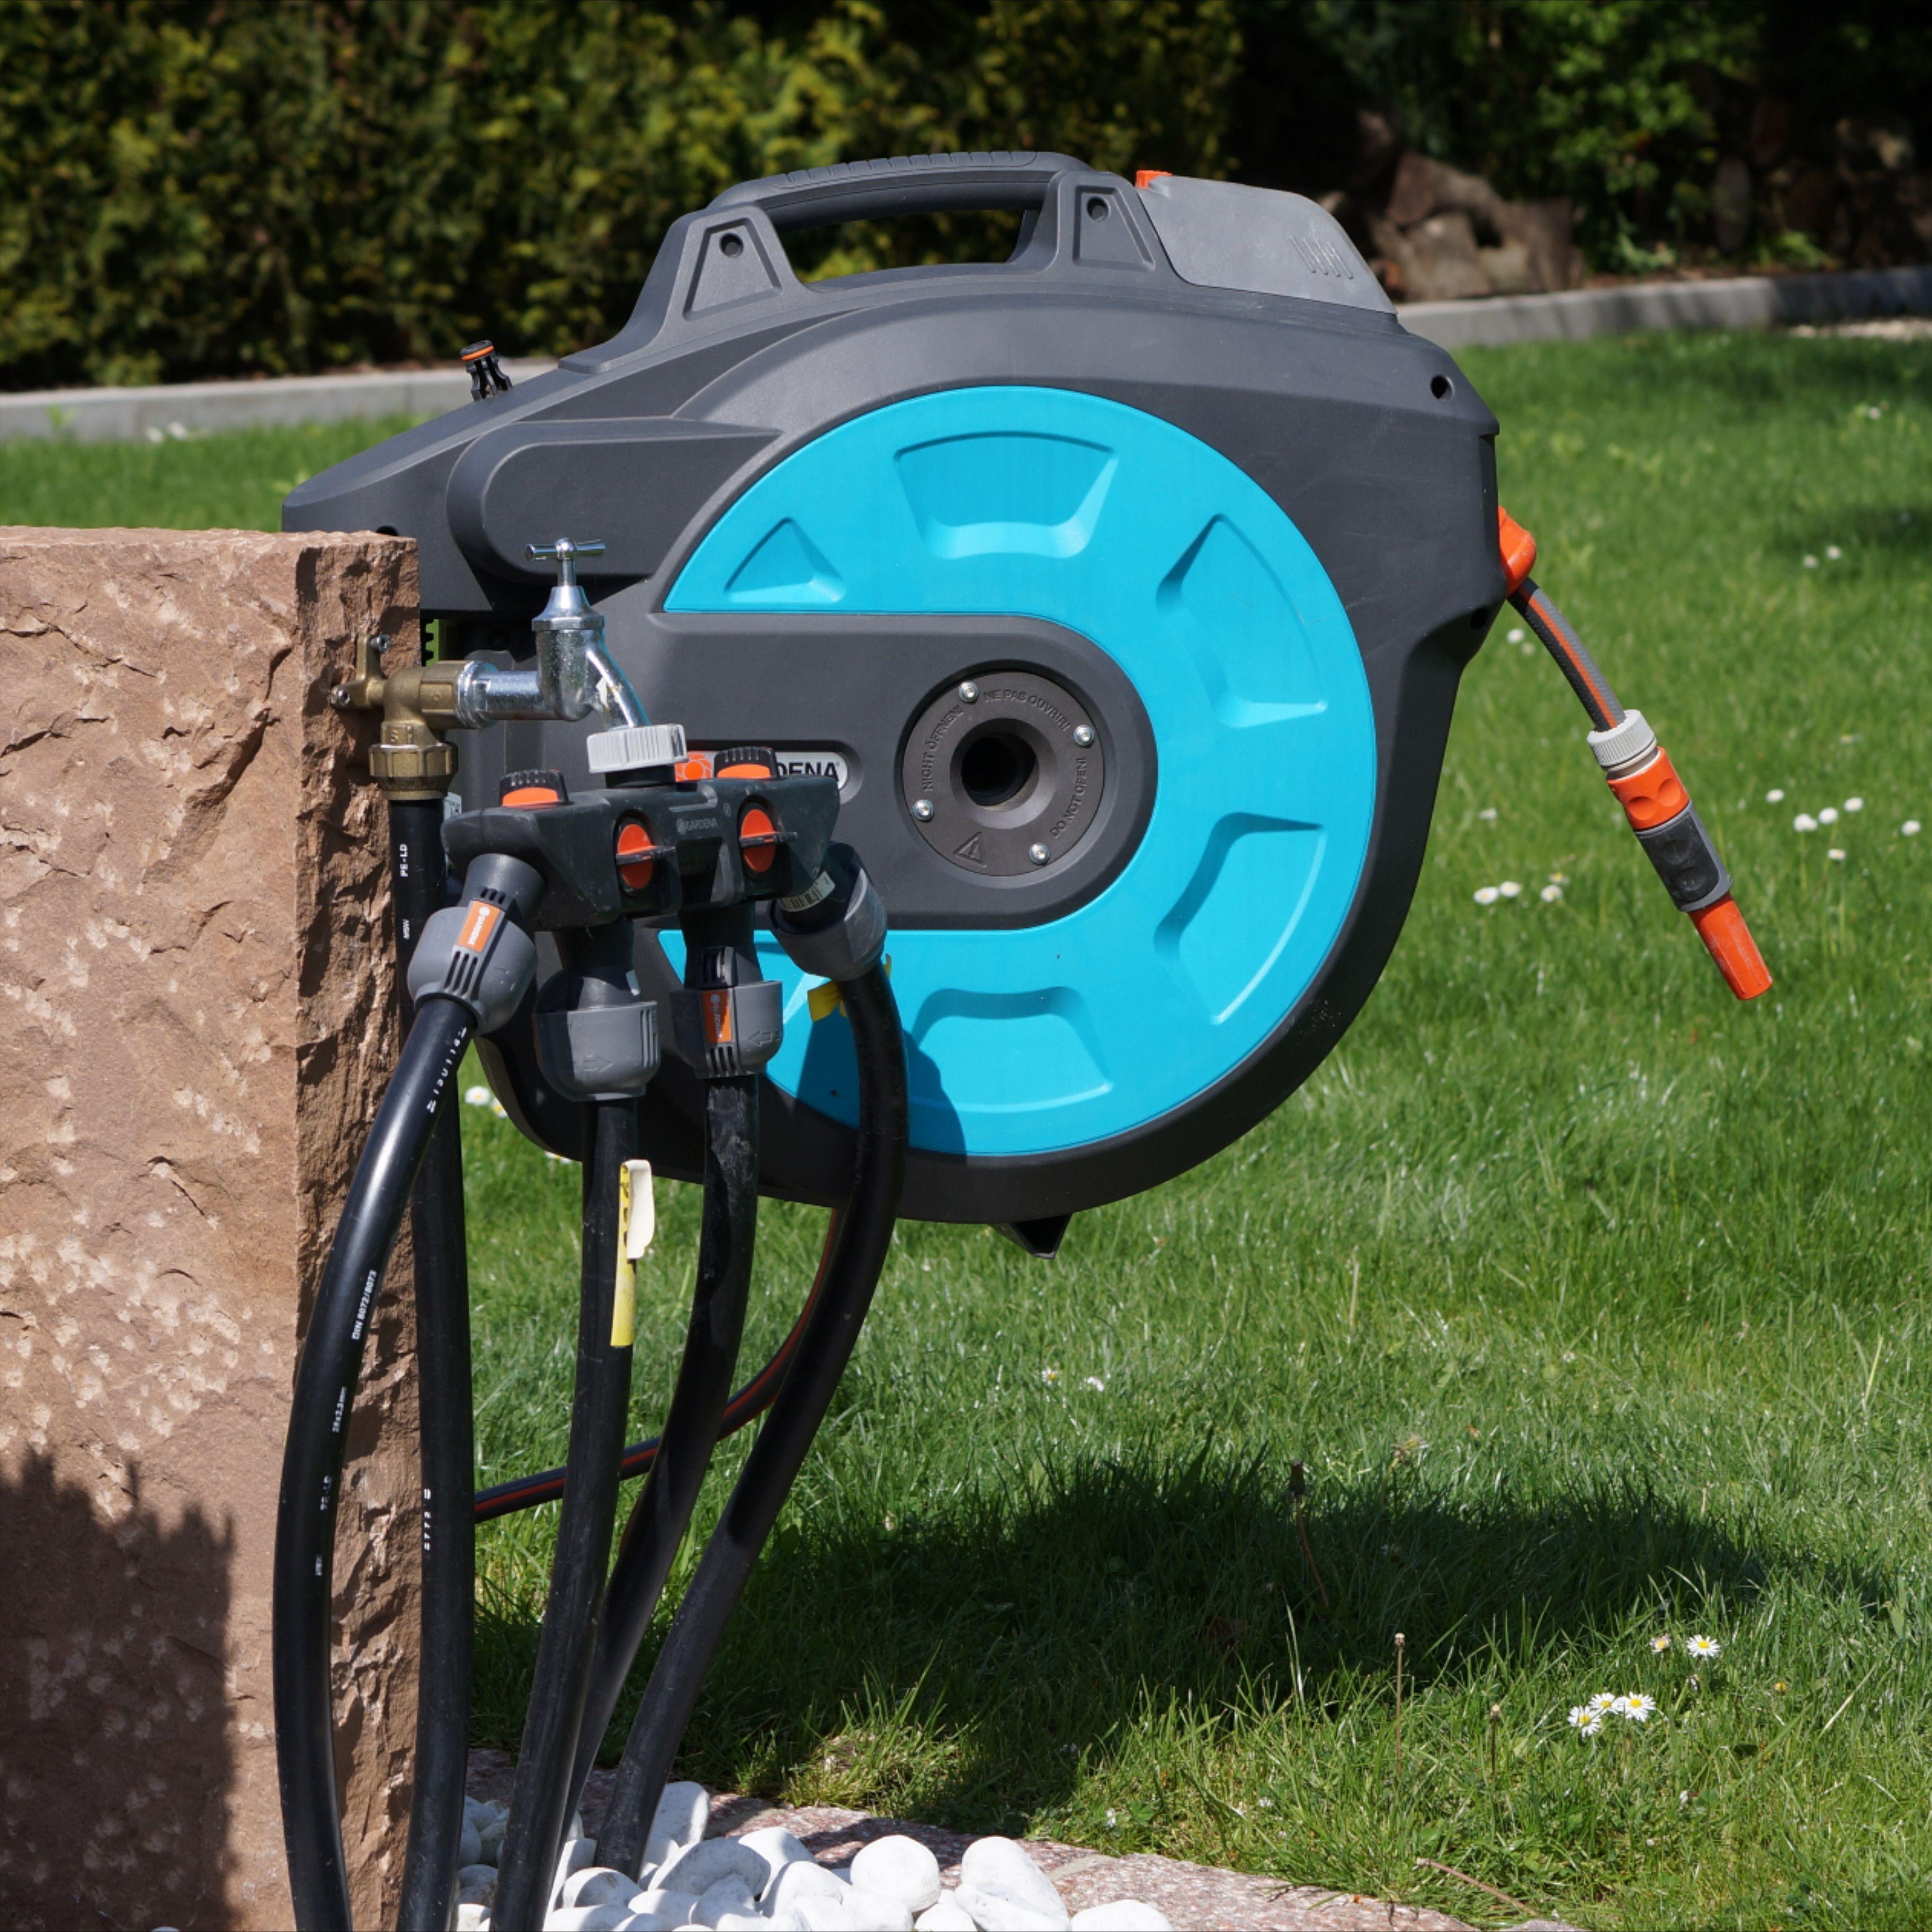 Bewasserung Praktisch Und Schon Bewasserungsanlage Gartengestaltung Garten